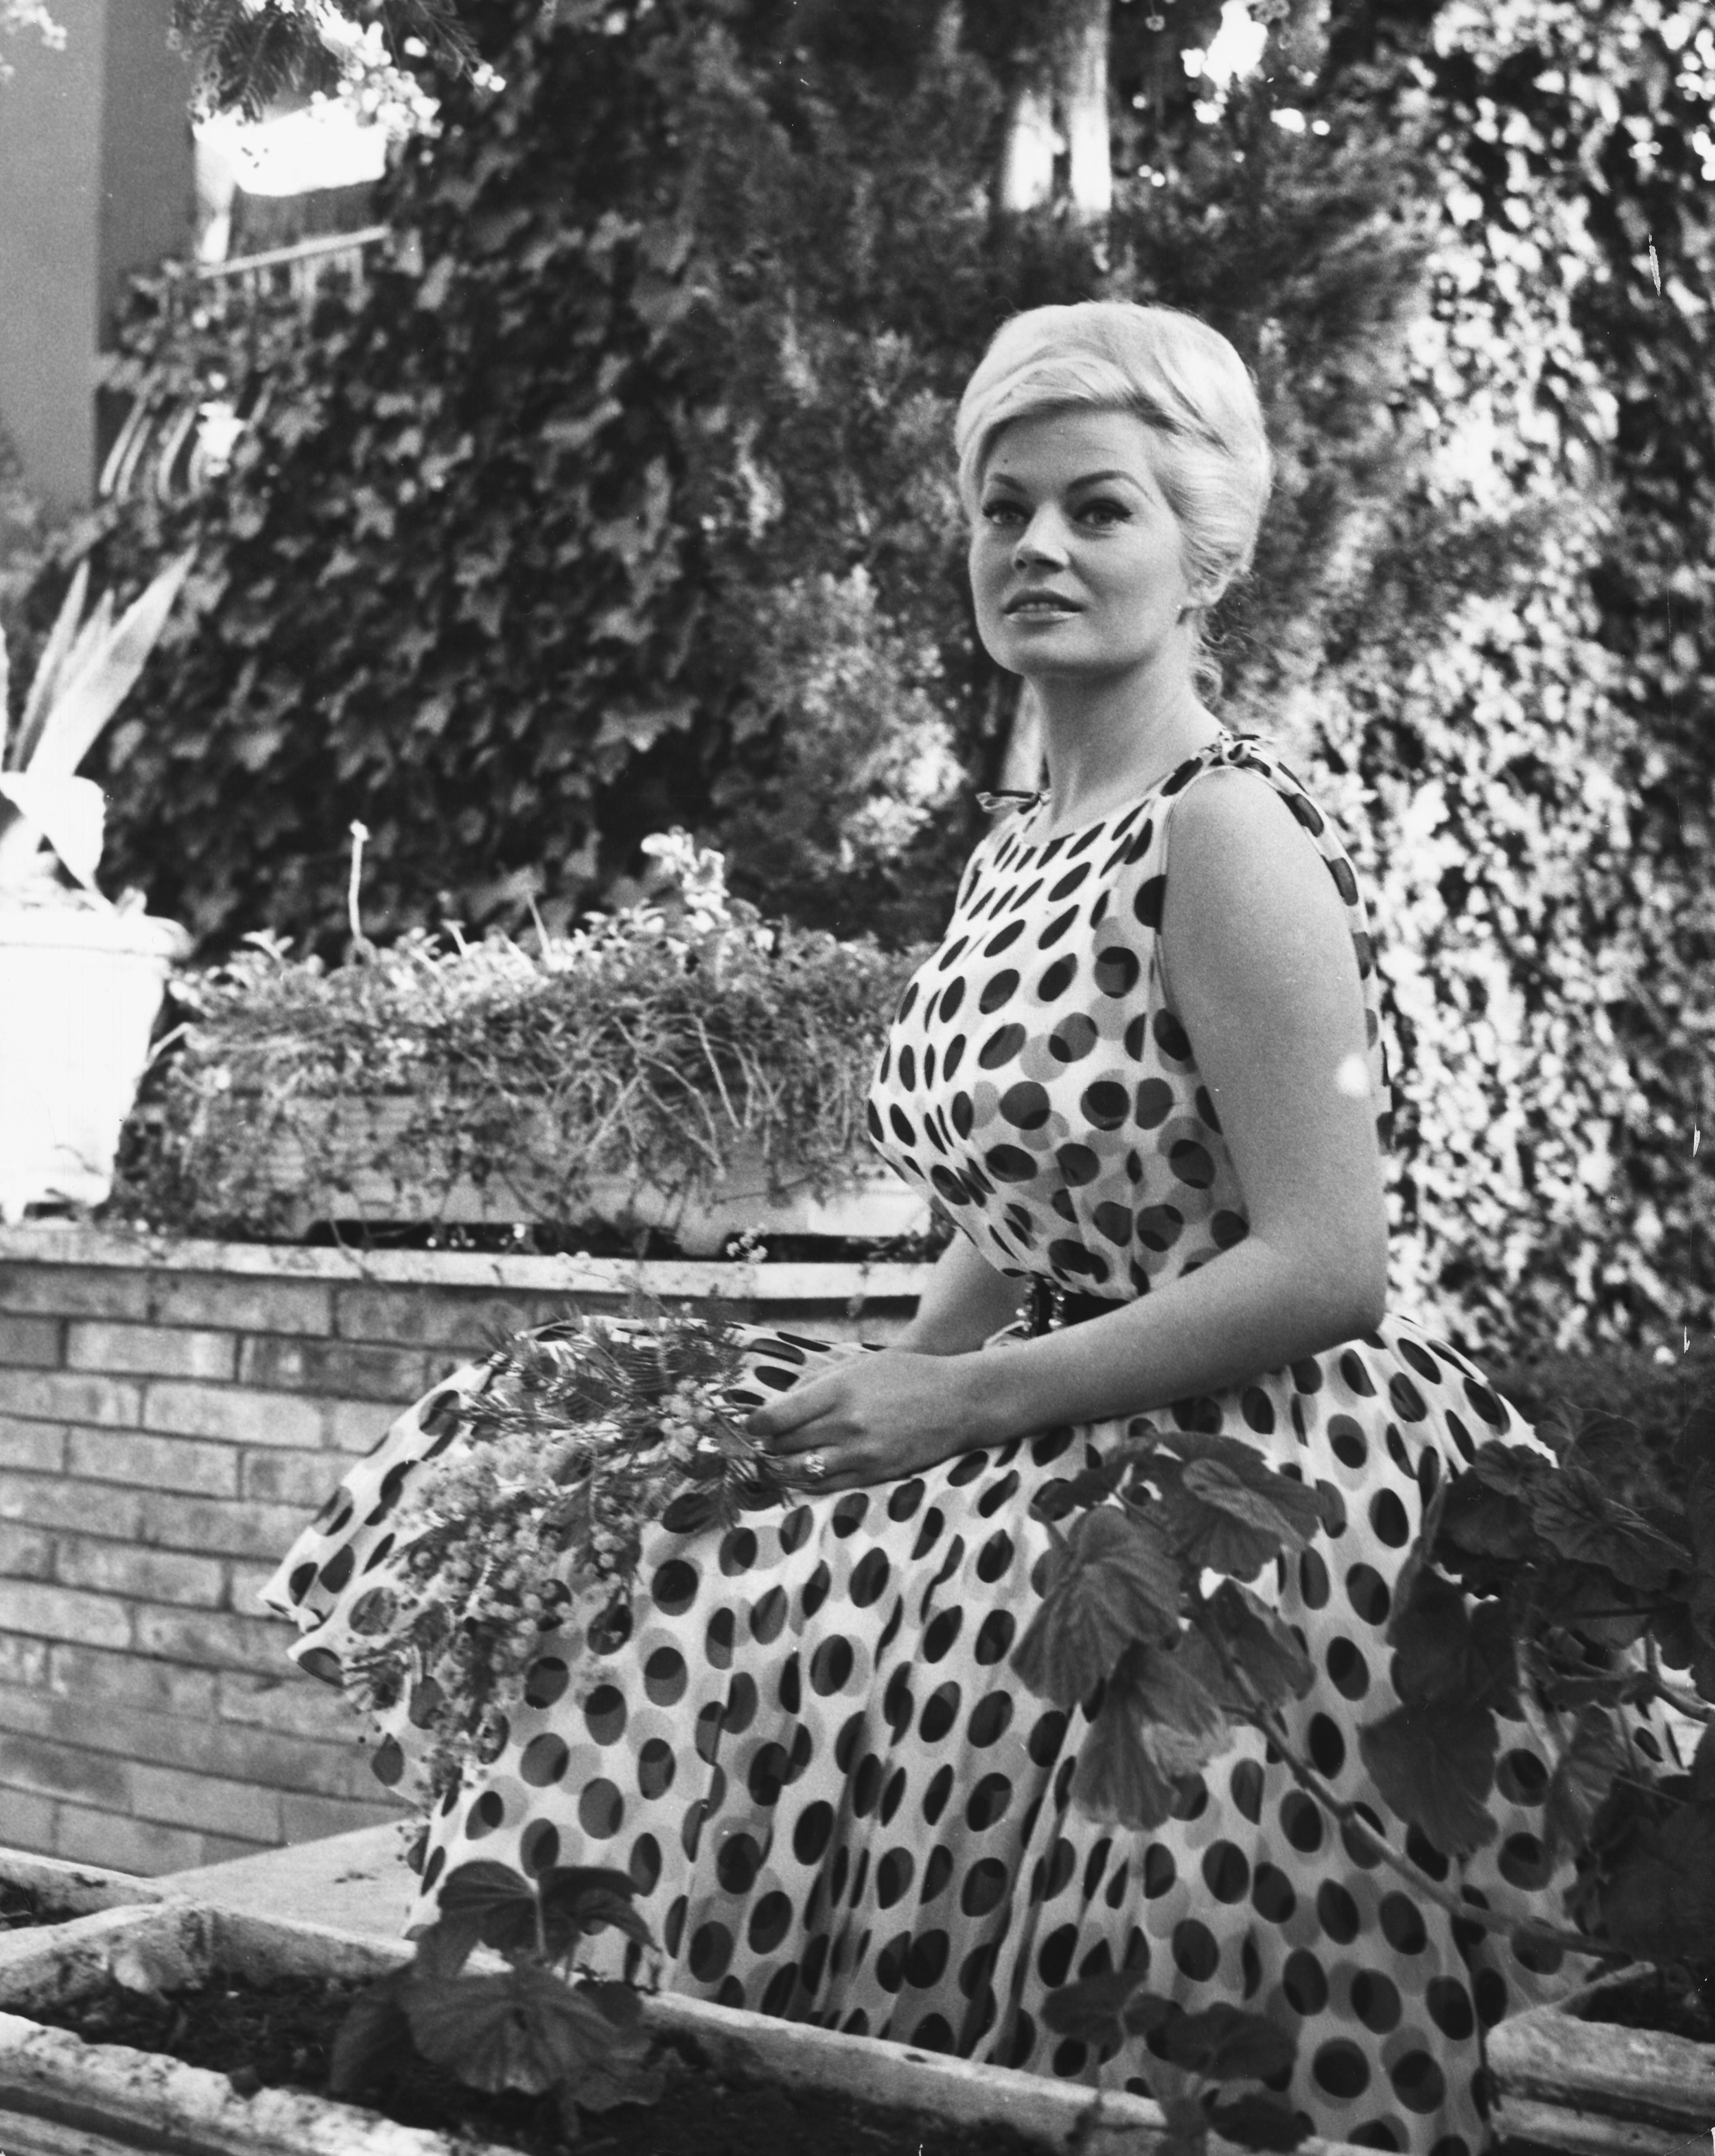 """Критиката е очарована от представянето на Анита, която след това продължава да се снима във филми, но никой не надминава успеха на """"Сладък живот""""."""